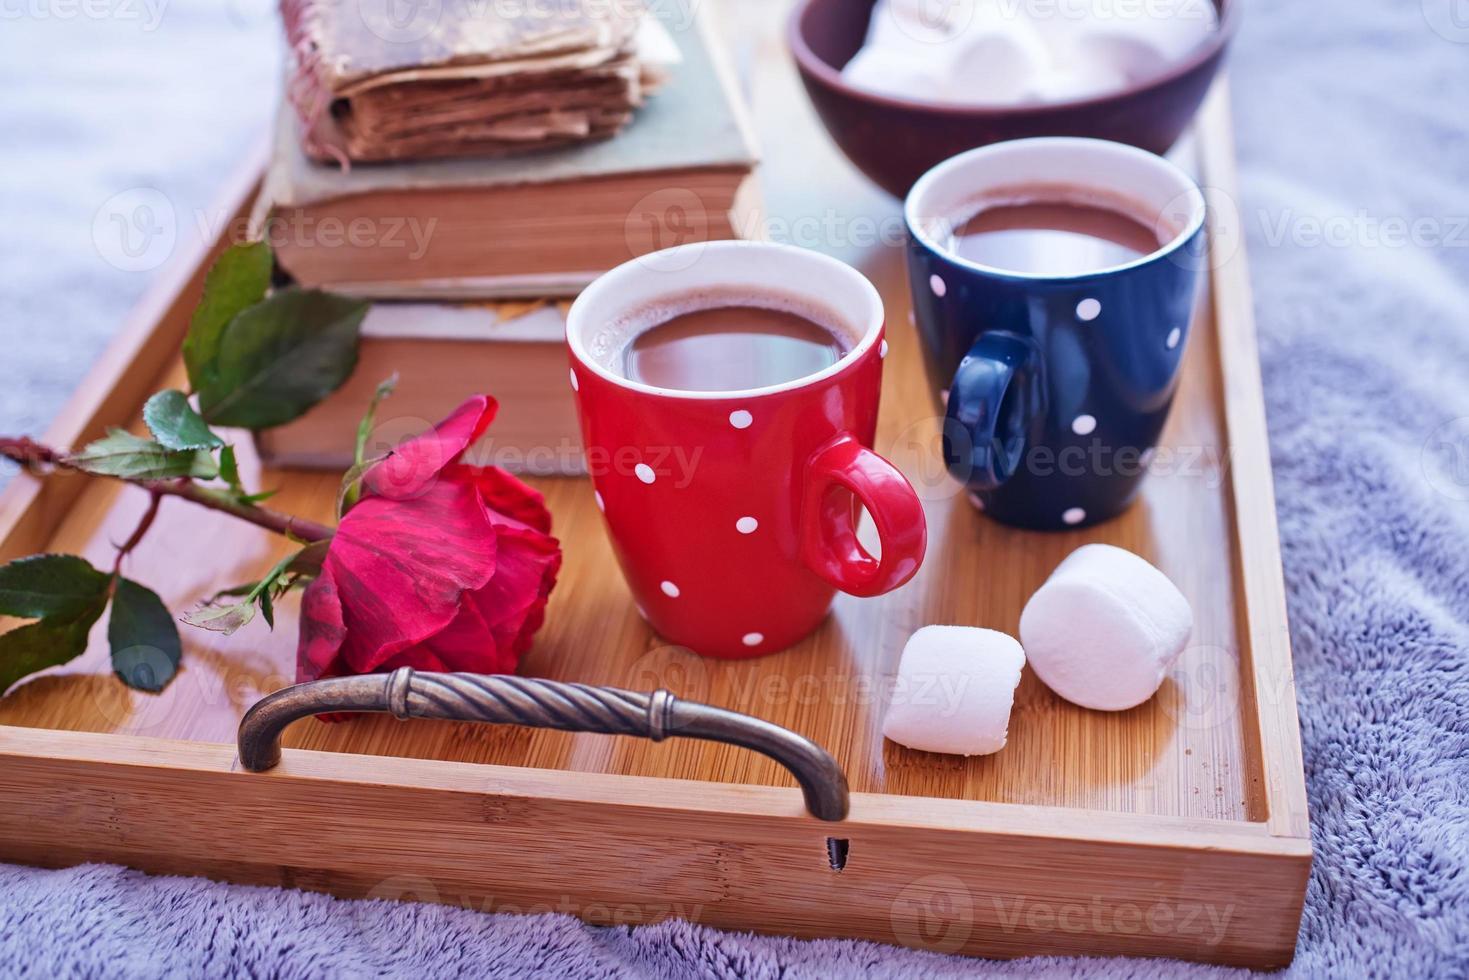 bevanda al cacao in tazze foto